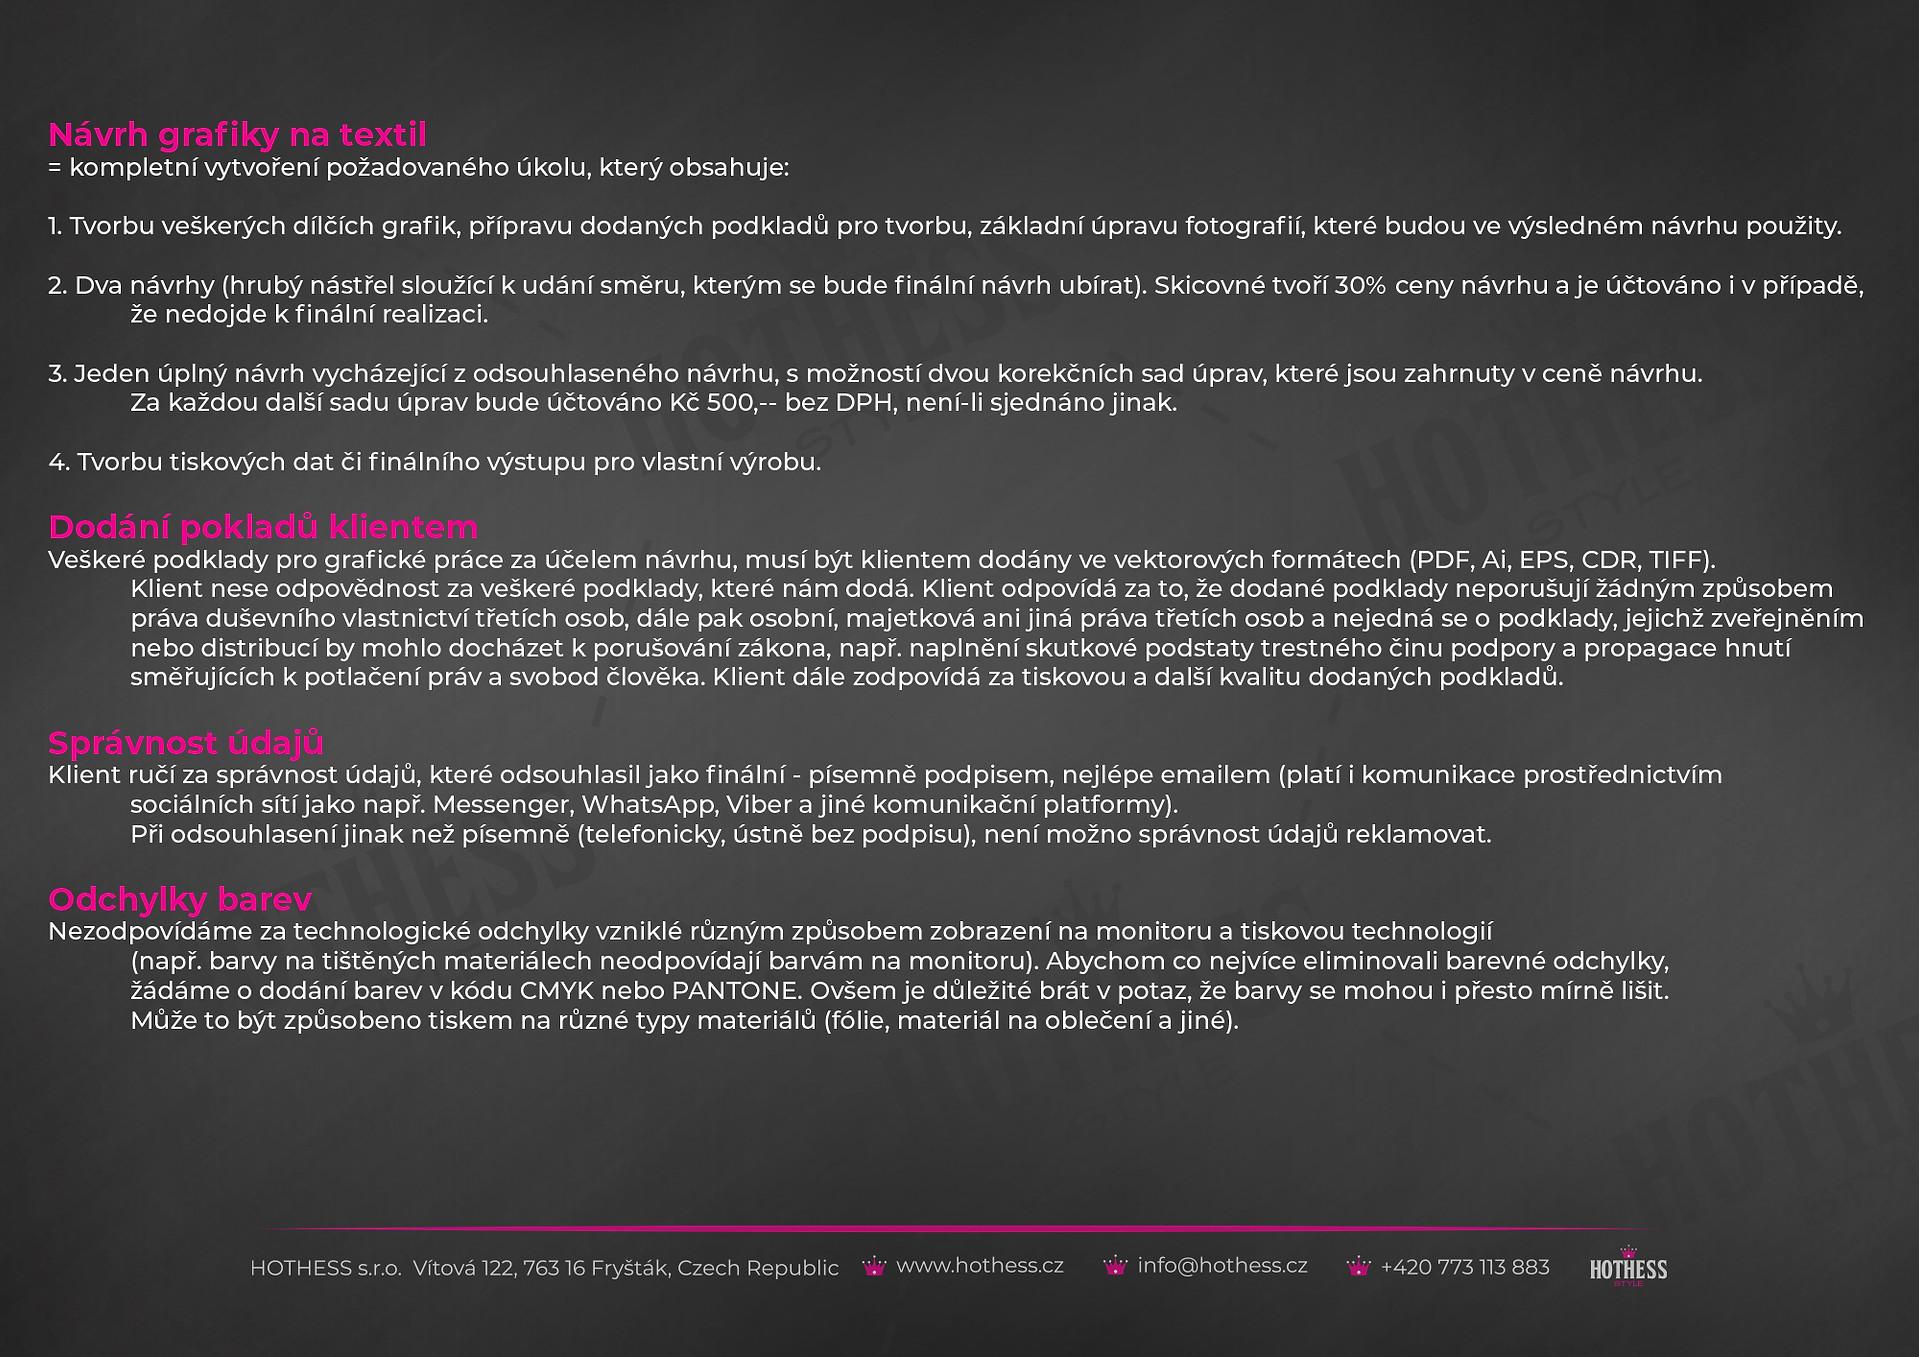 HOTHESS_podminky_spoluprace_textil-2.jpg